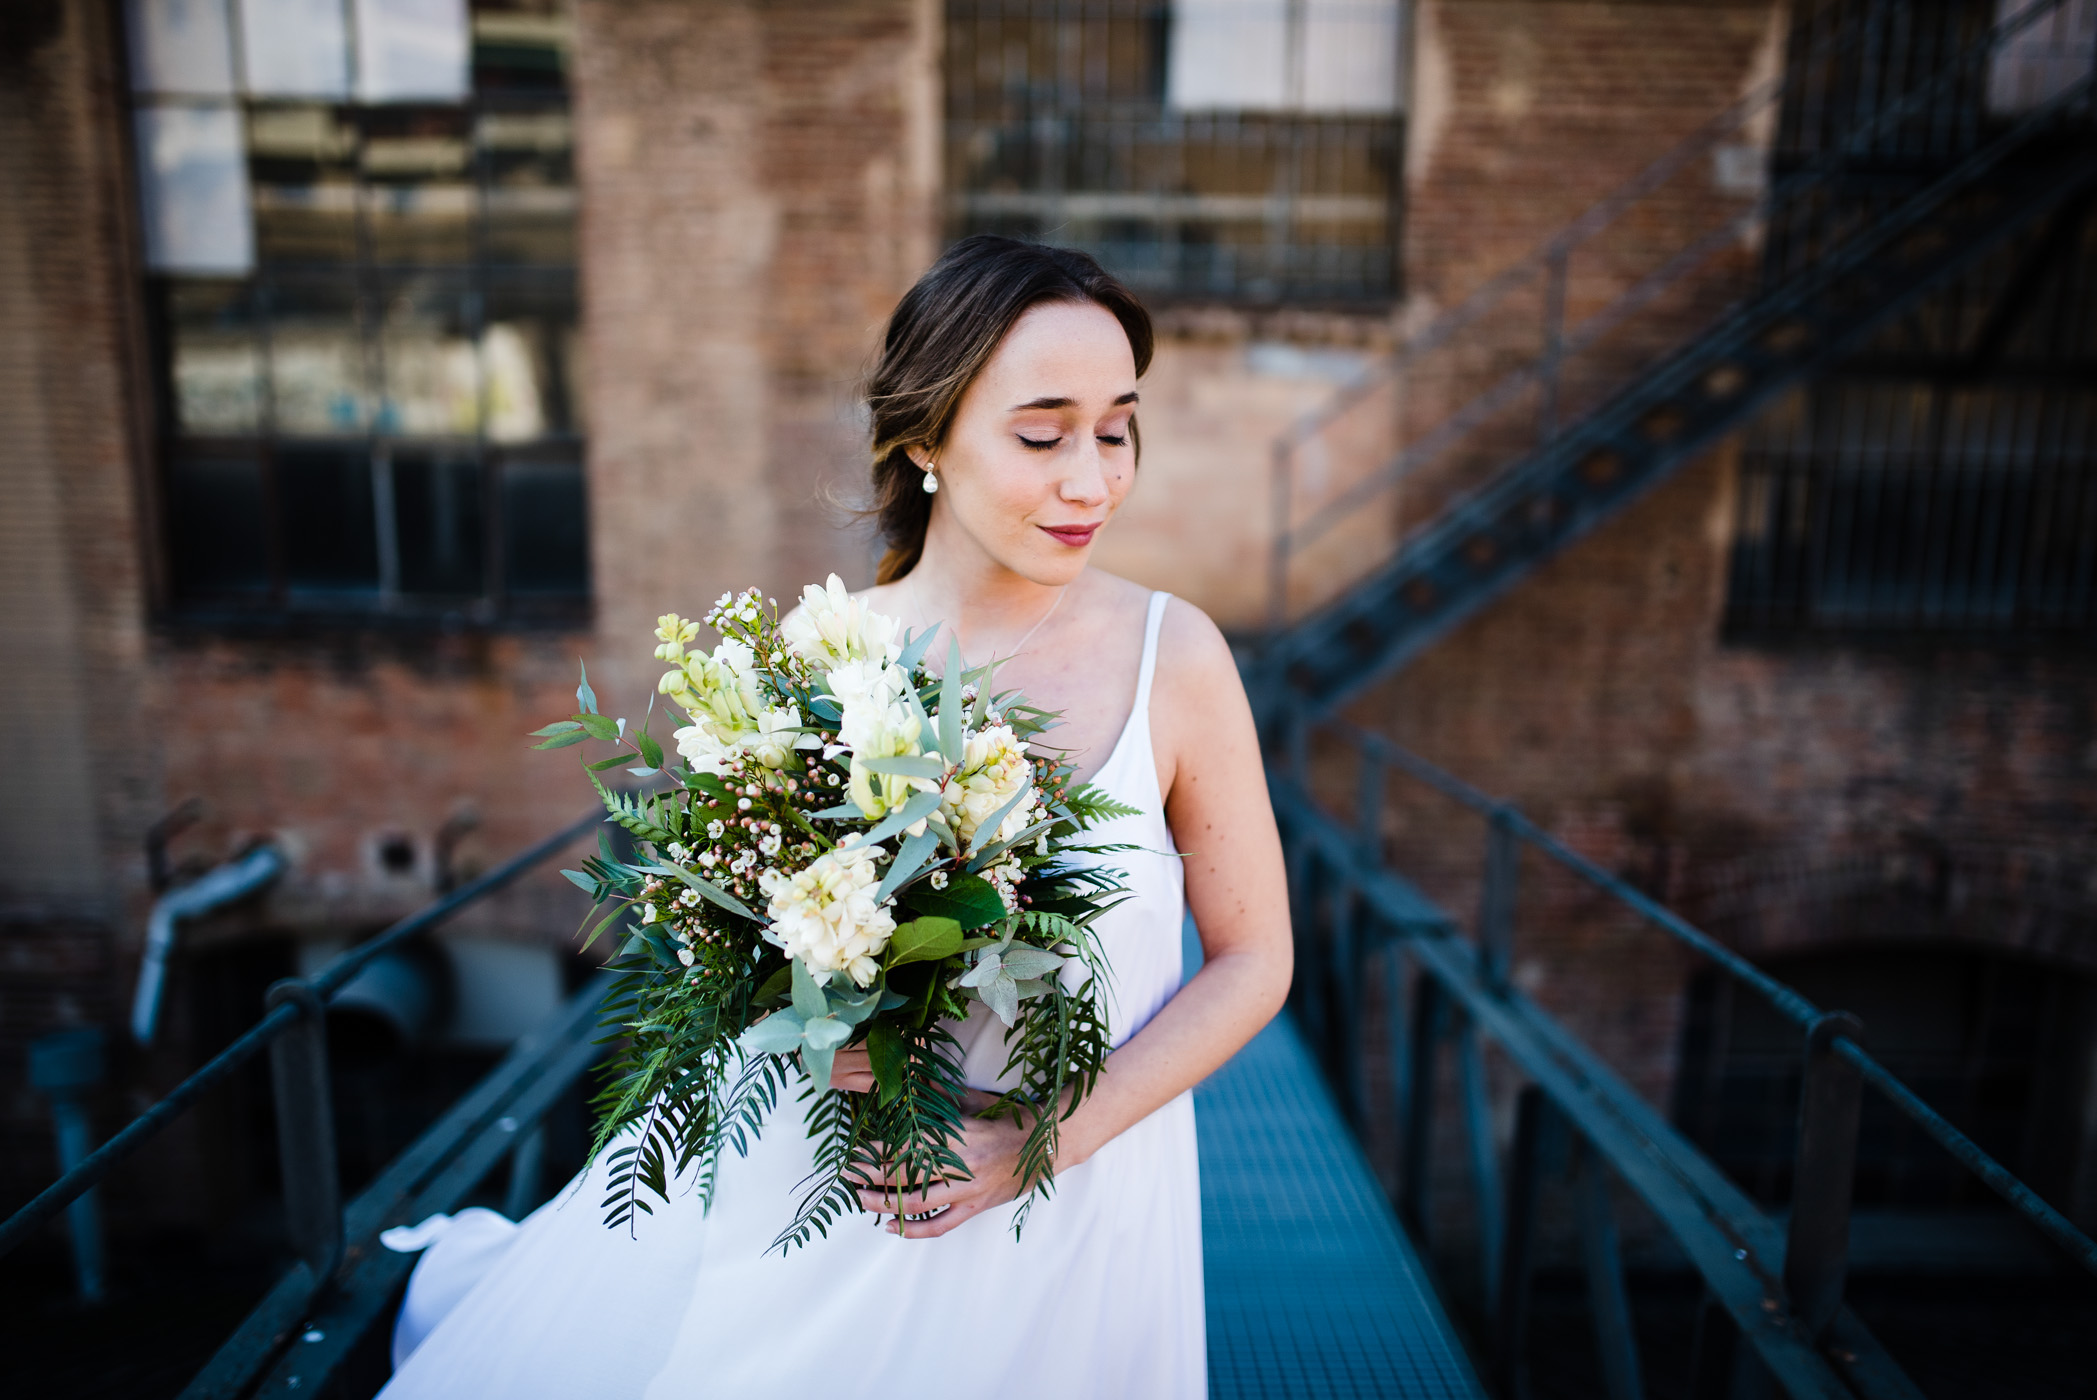 Les 10 règles d'or pour organiser un mariage éco-responsable